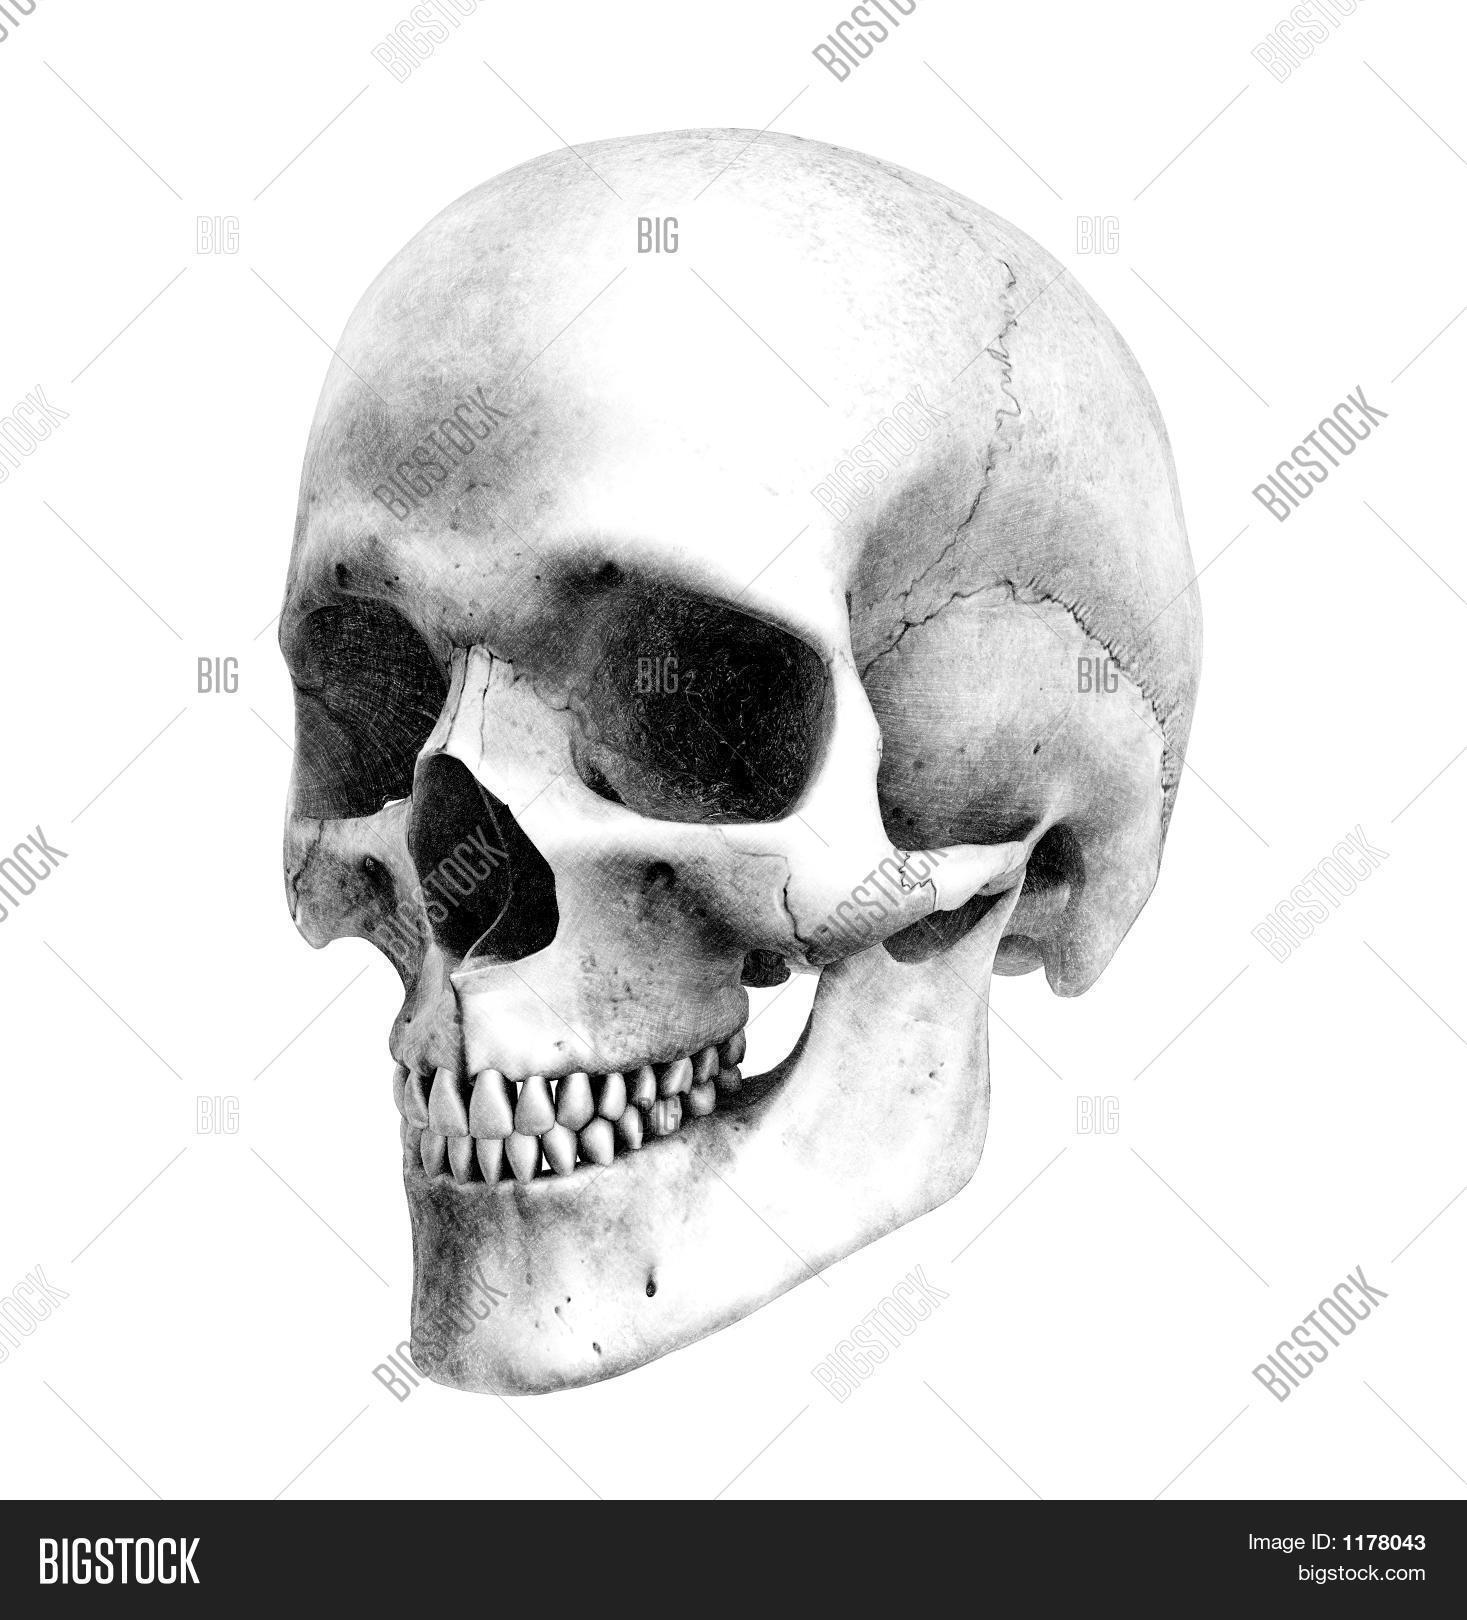 Imagen y foto Cráneo Humano - (prueba gratis) | Bigstock